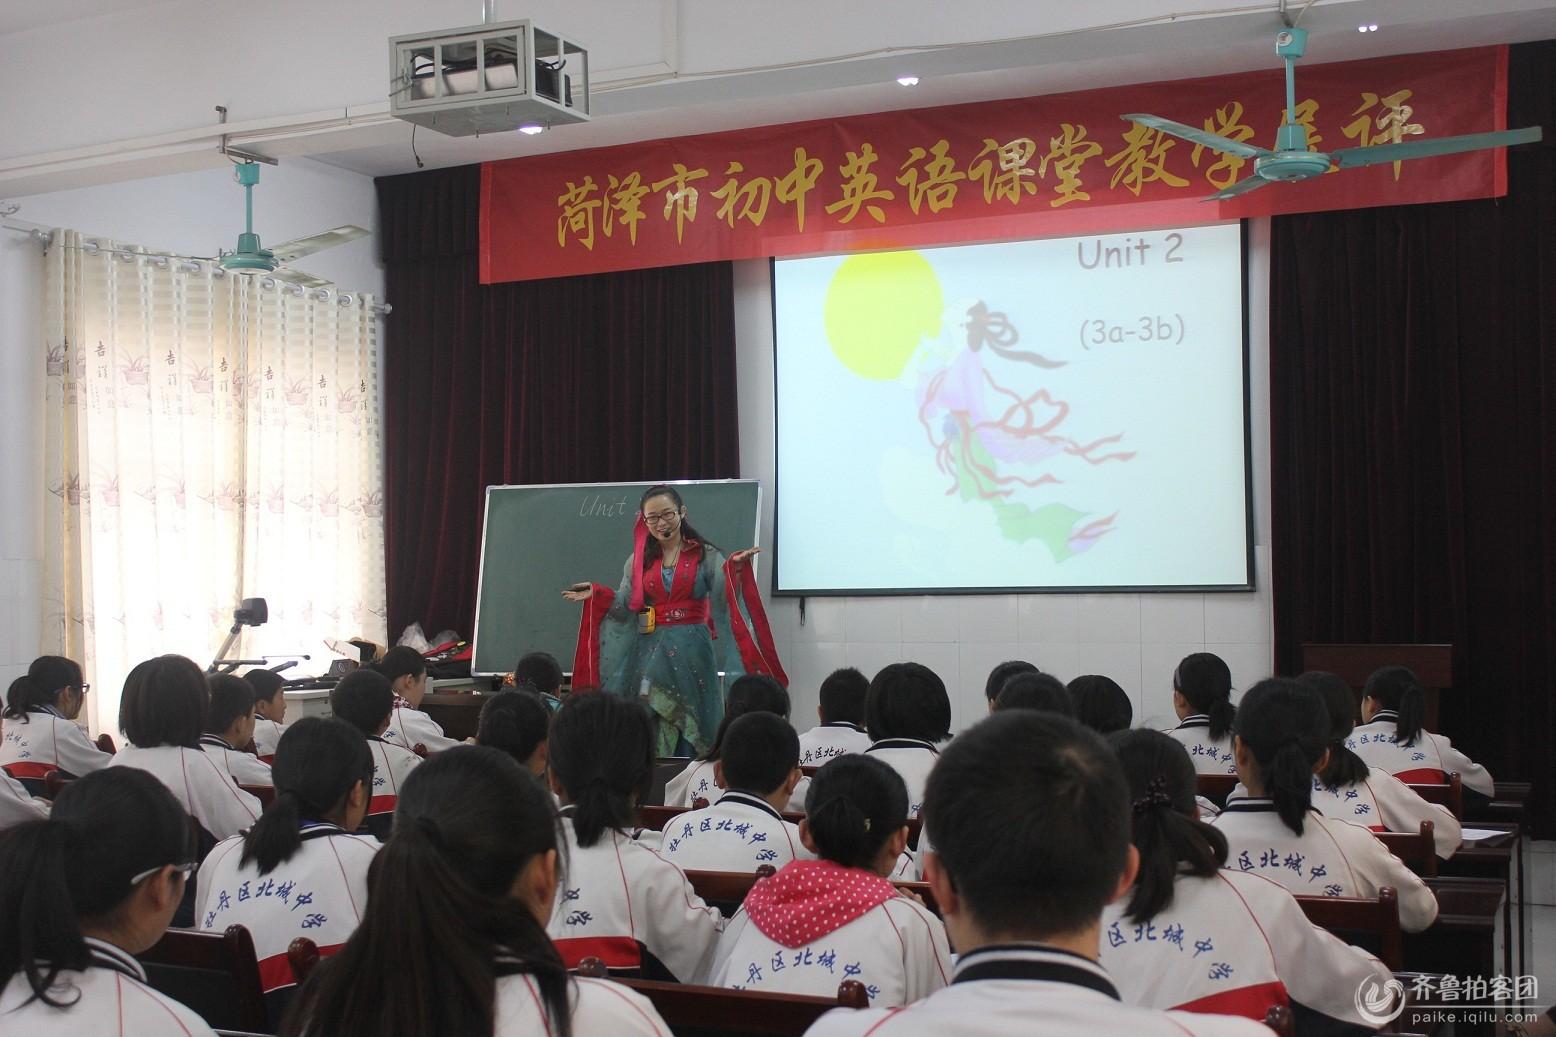 菏泽市初中英语课堂教学展评活动在牡丹区北城中学